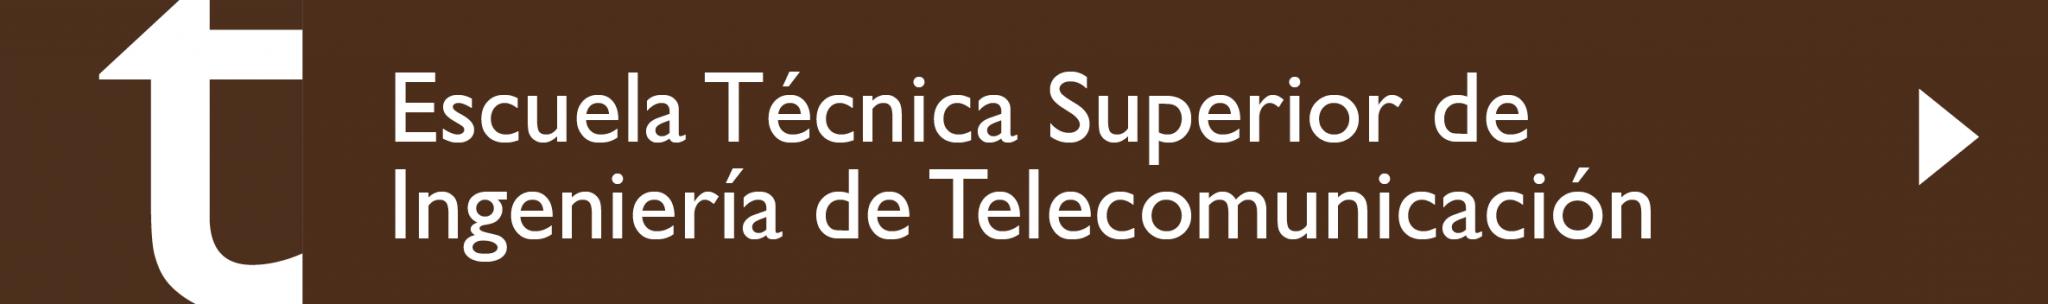 acceso a escuela superior de ingeniería informática y telecomunicaciones